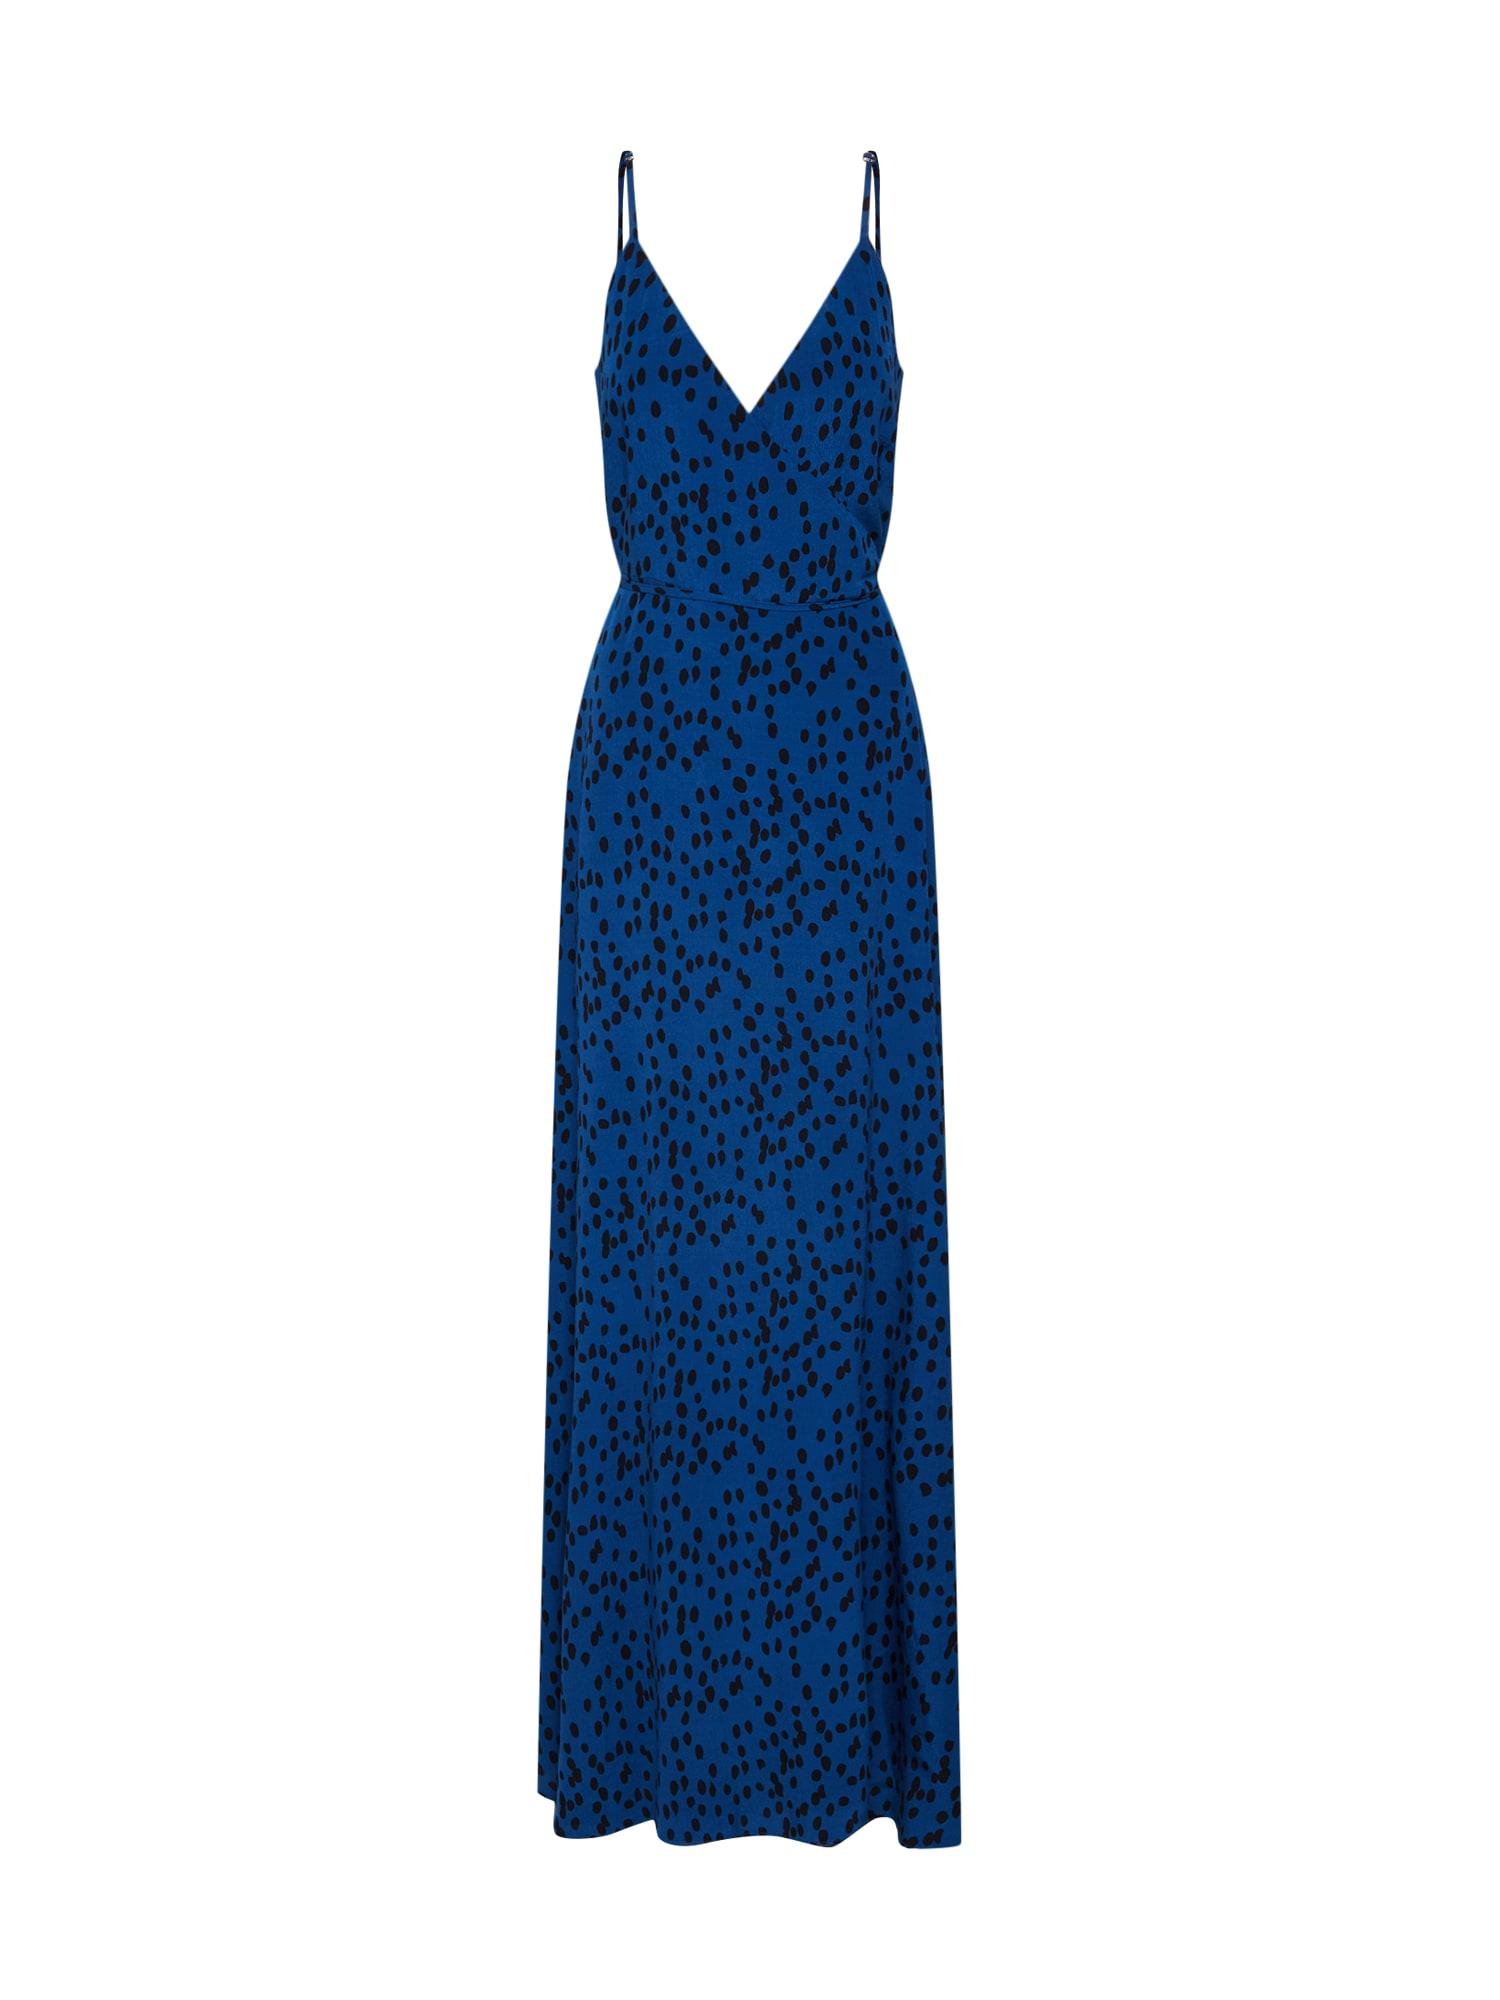 Společenské šaty Beline modrá Mbym